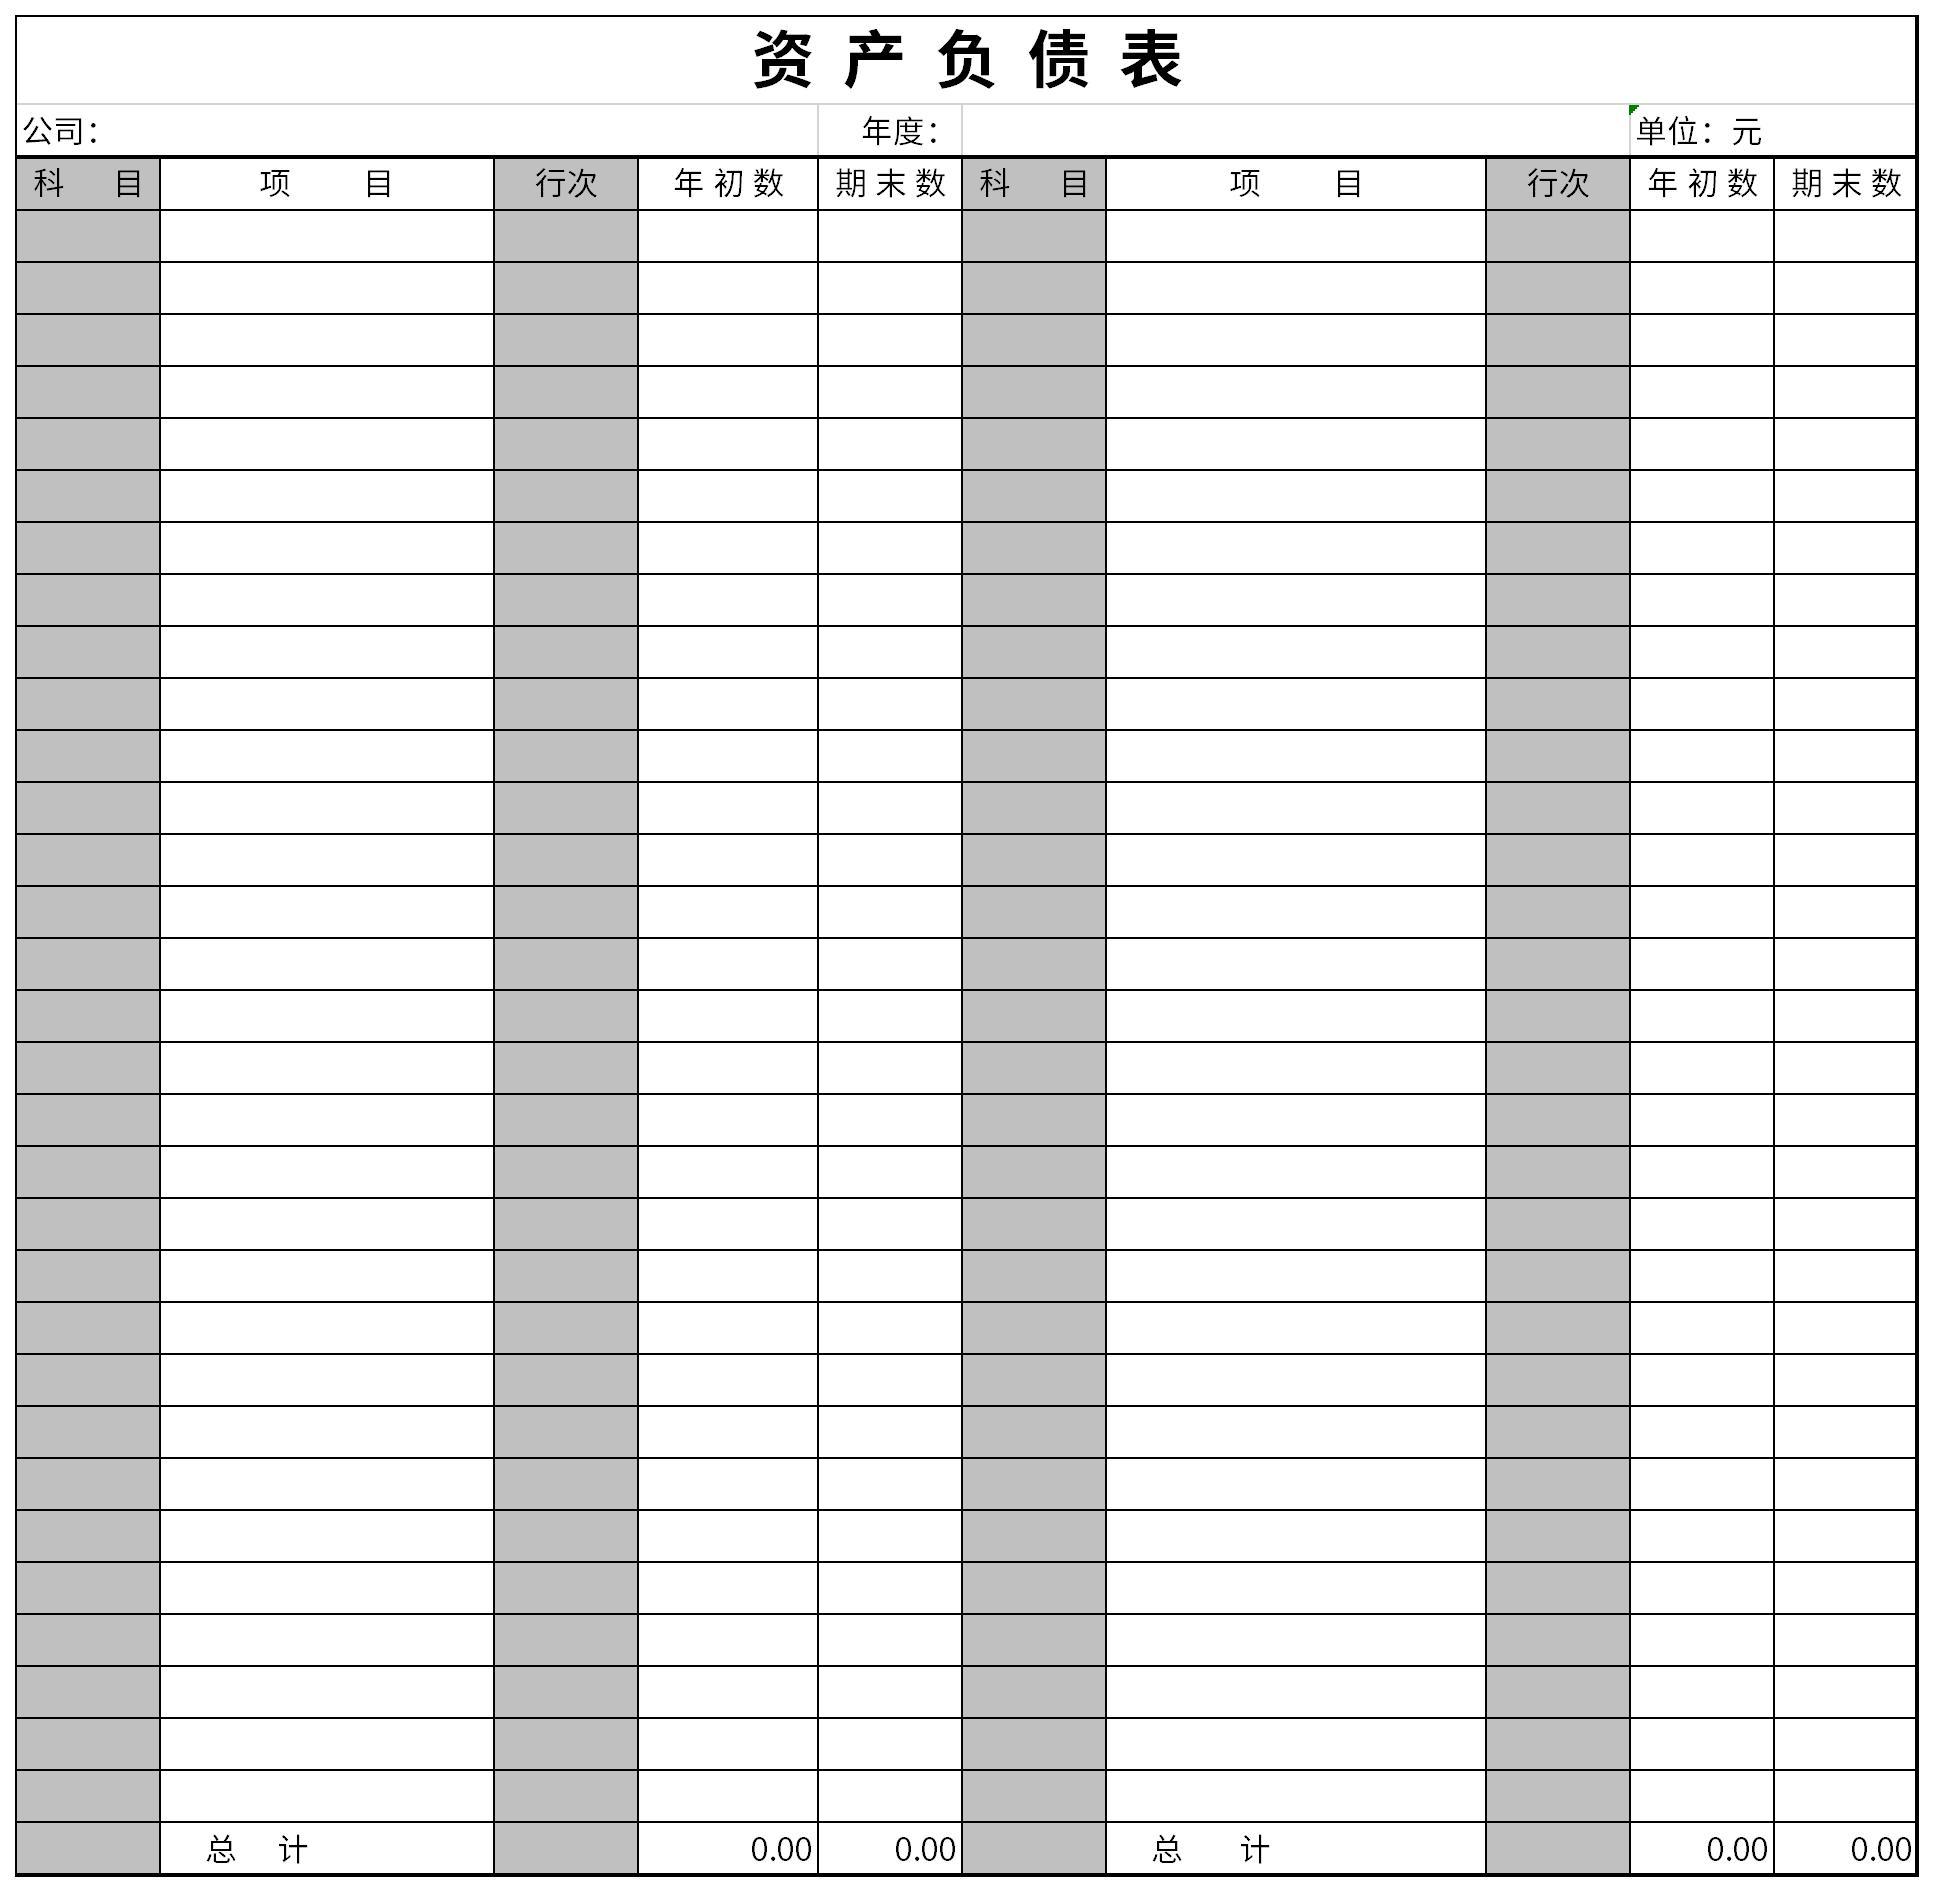 资产负债表下载模板截图